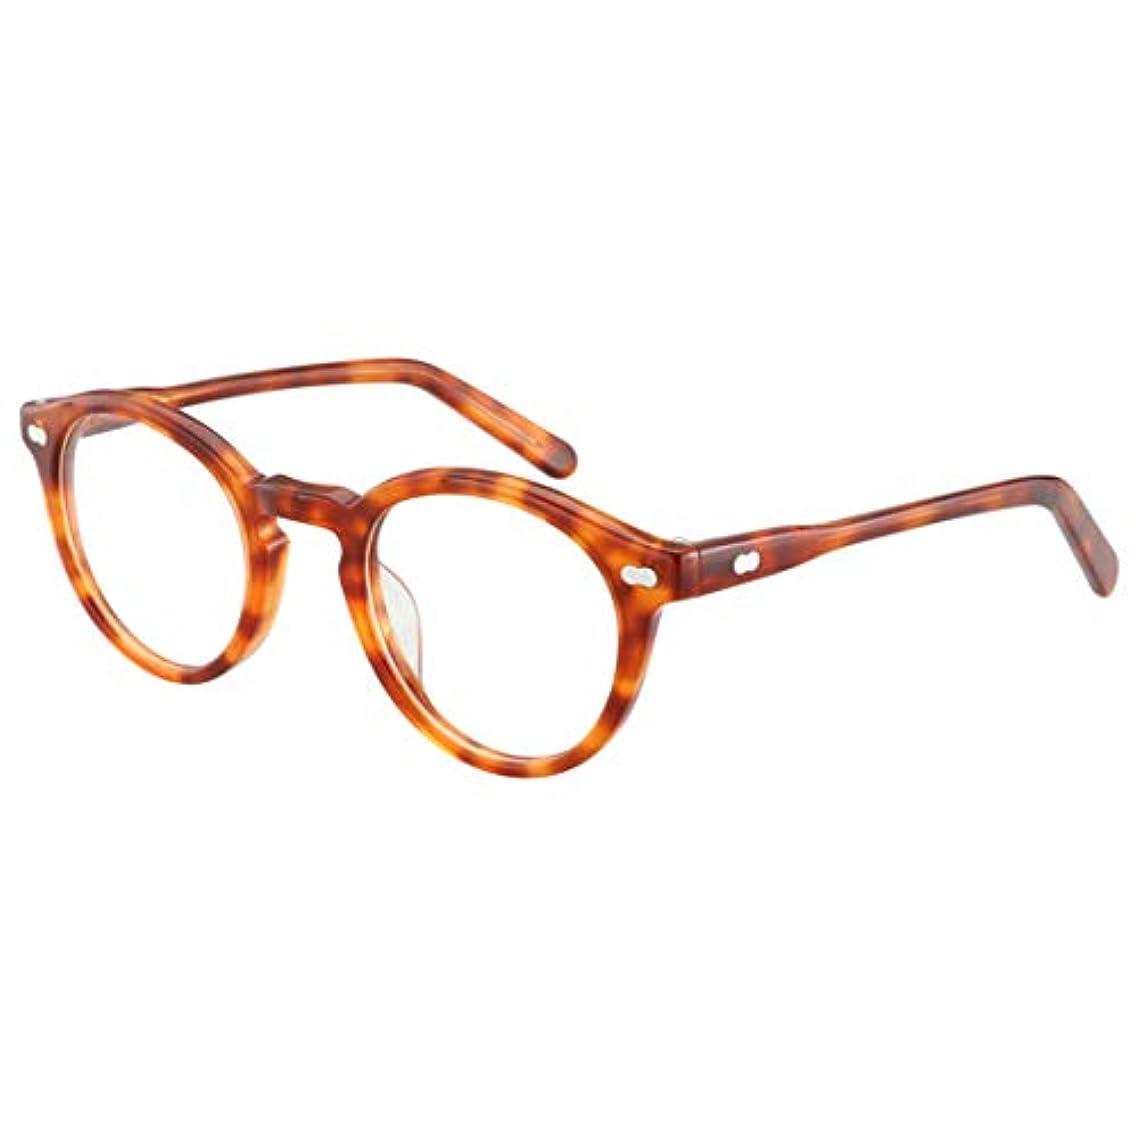 美人自然公園不機嫌そうな老眼鏡の変色、スプリングヒンジコンパクト折りたたみ式、アンチアイストレイン放射線防護、紫外線防止